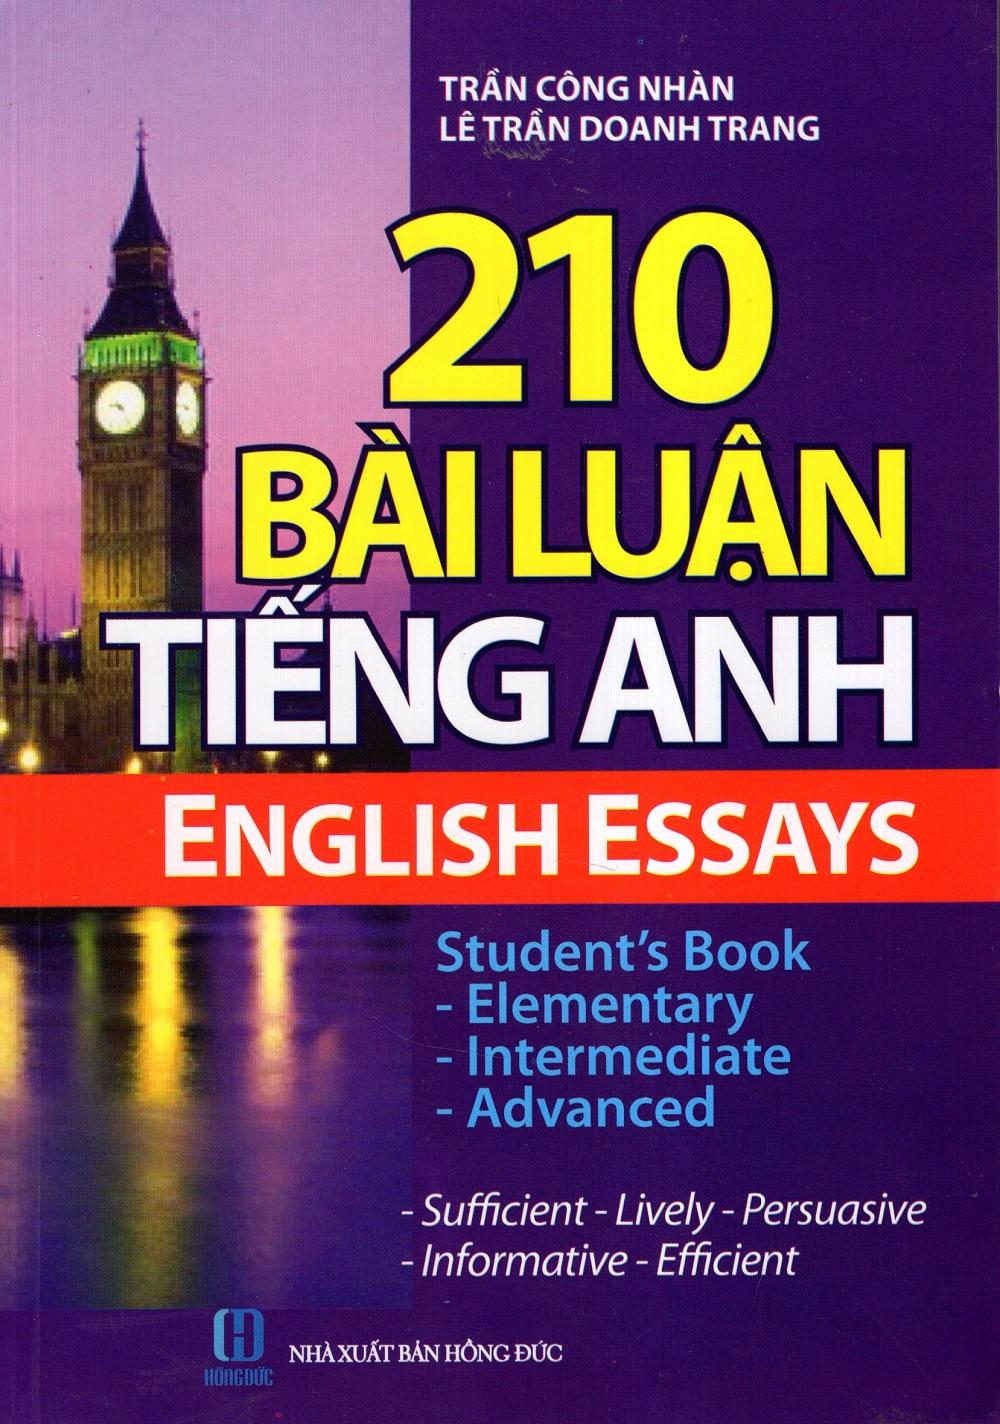 Bìa sách 210 Bài Luận Tiếng Anh (Không Kèm CD)